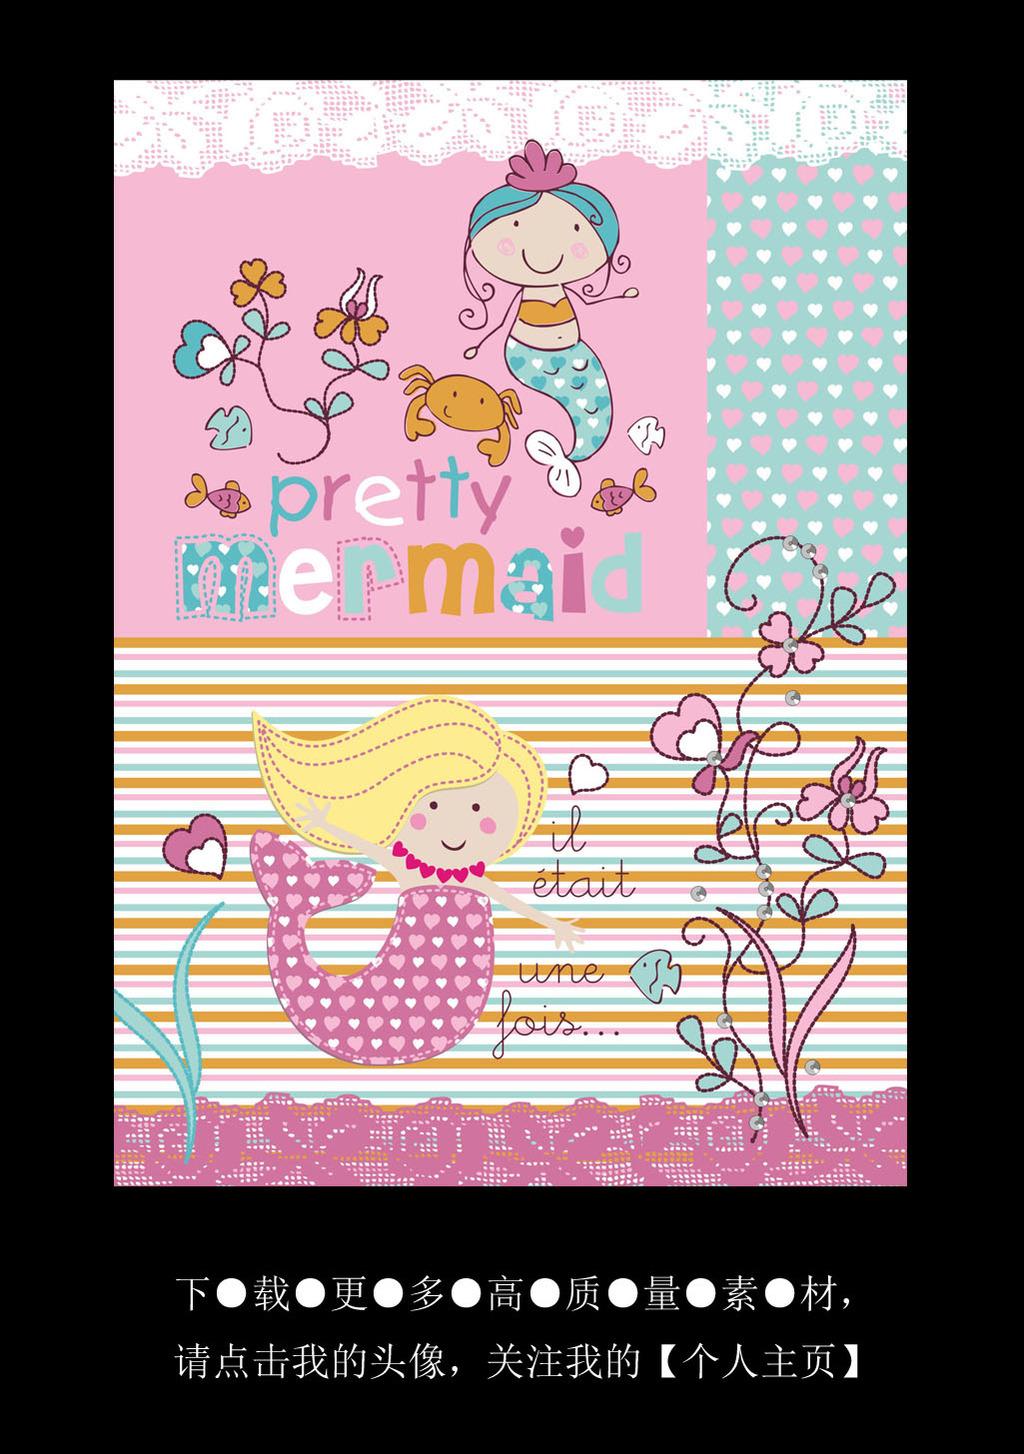 小动物 笔记本封面 包装纸 底纹背景 卡通人物 六一节素材 儿童节